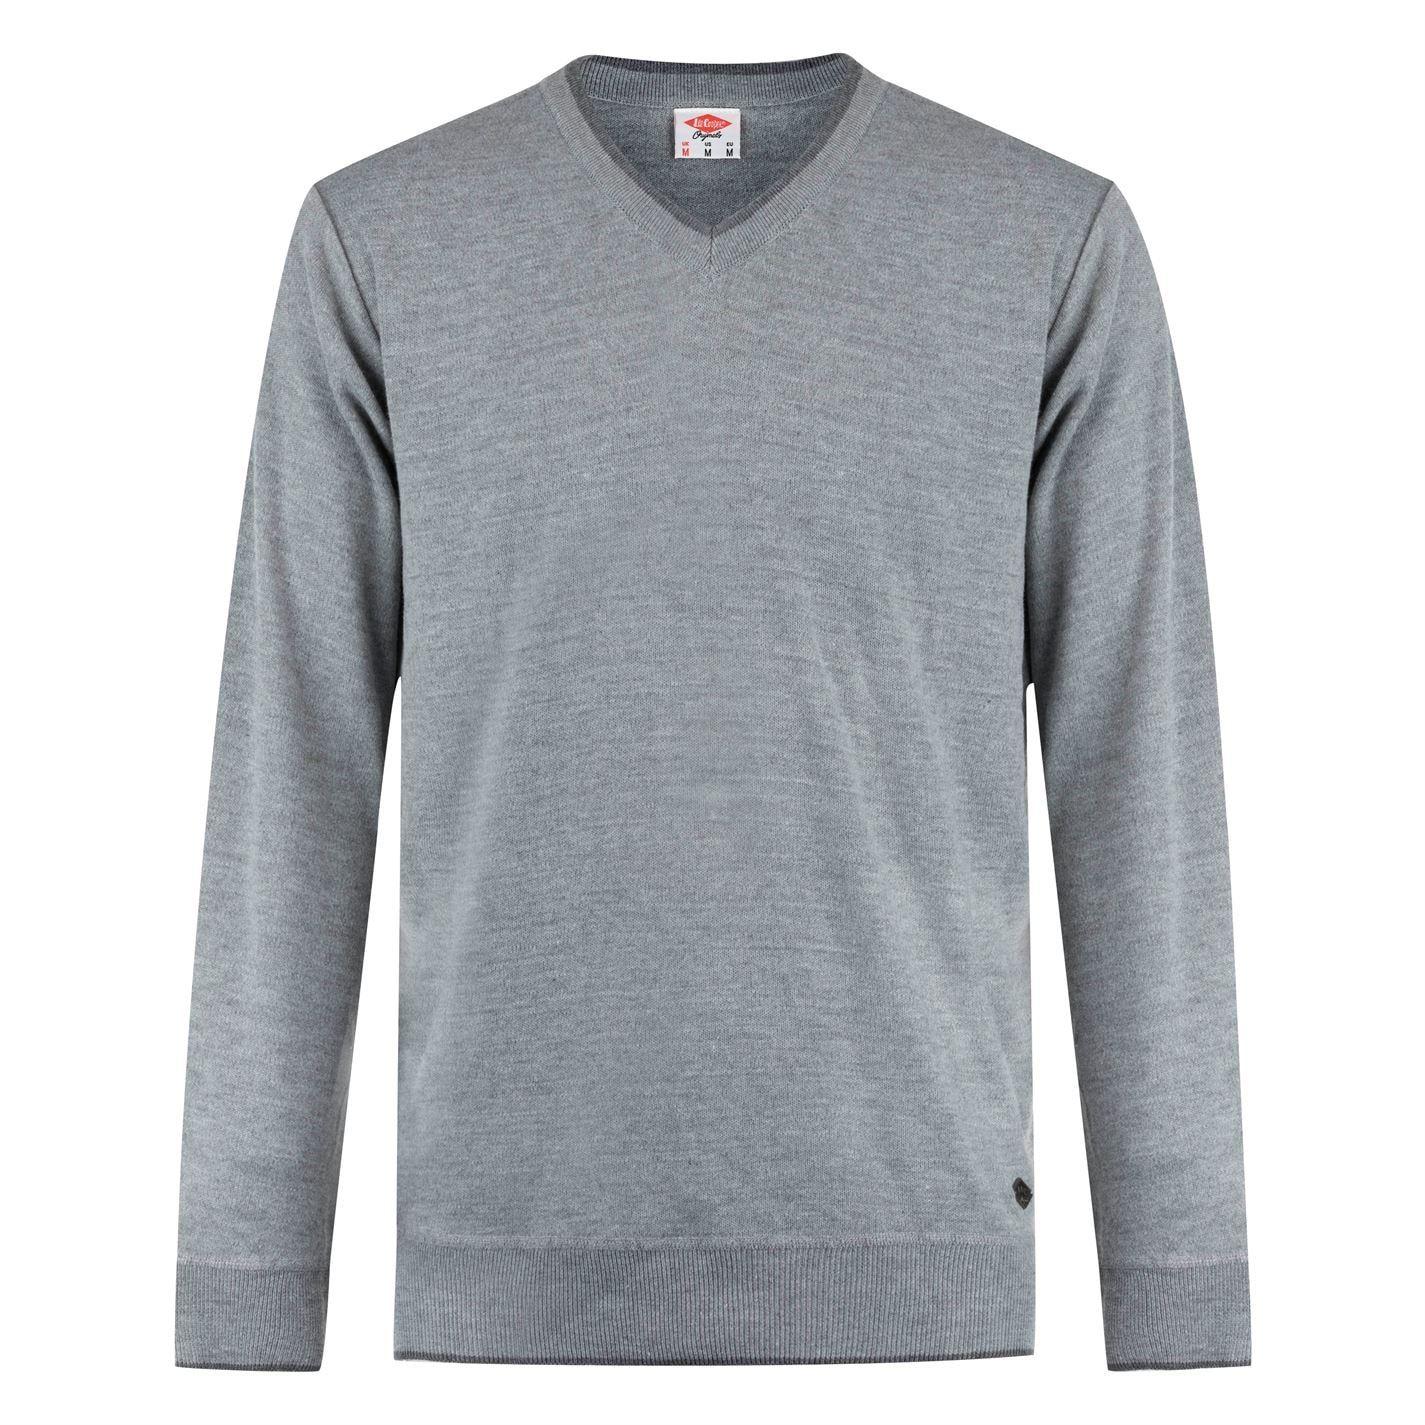 Lee-Cooper-Cuello-en-V-sueter-pulover-jumper-Top-Para-Hombre miniatura 11